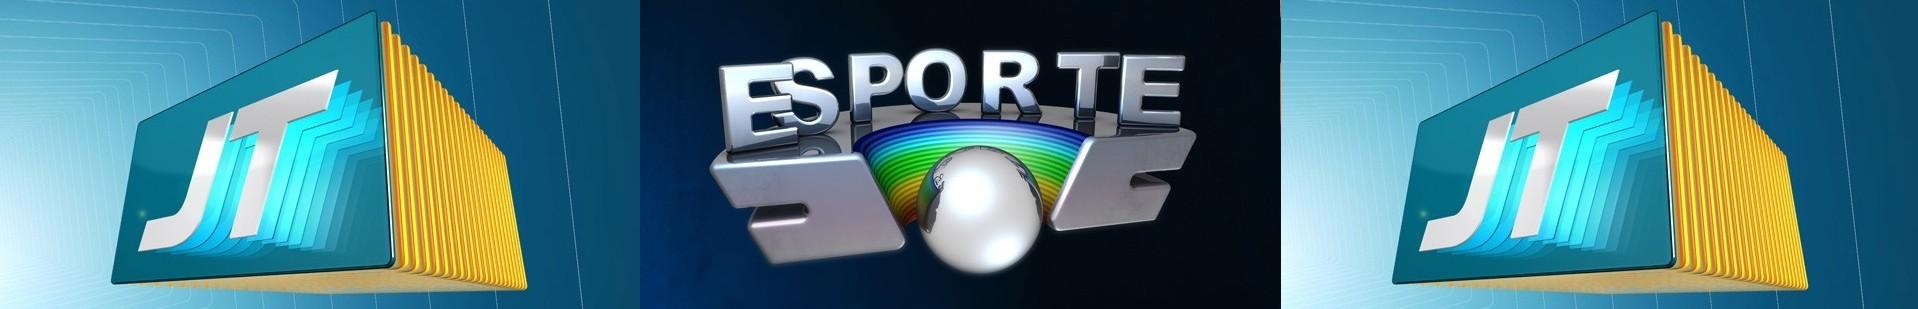 Jornal da Tribuna 1ª Edição, Tribuna Esporte, Jornal da Tribuna 2ª Edição (Foto: TV Tribuna)